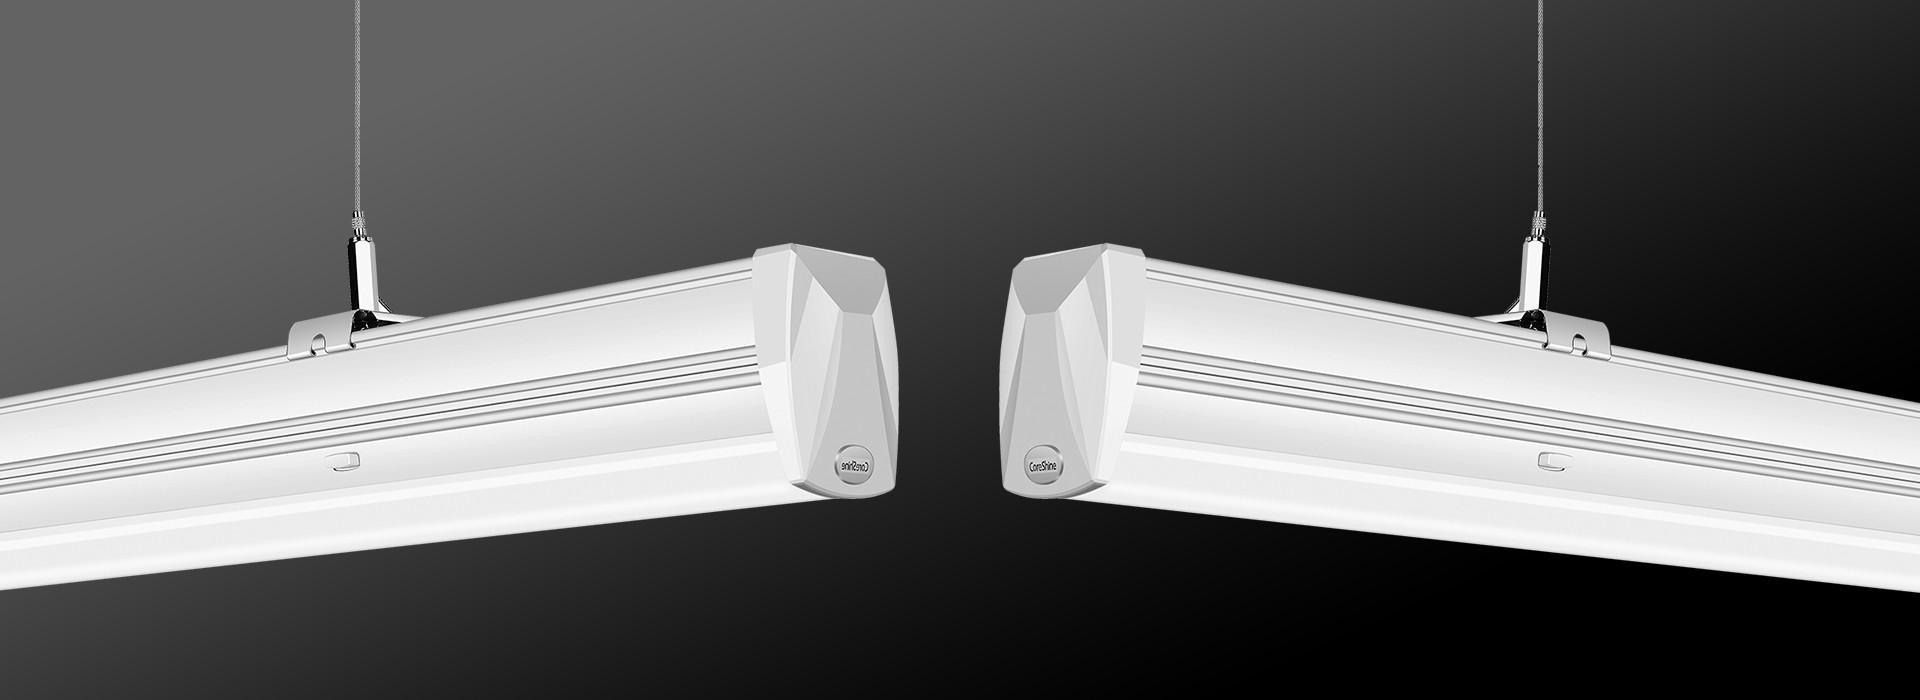 Linijski sistem razsvetljave za delavnice in proizvodnjo